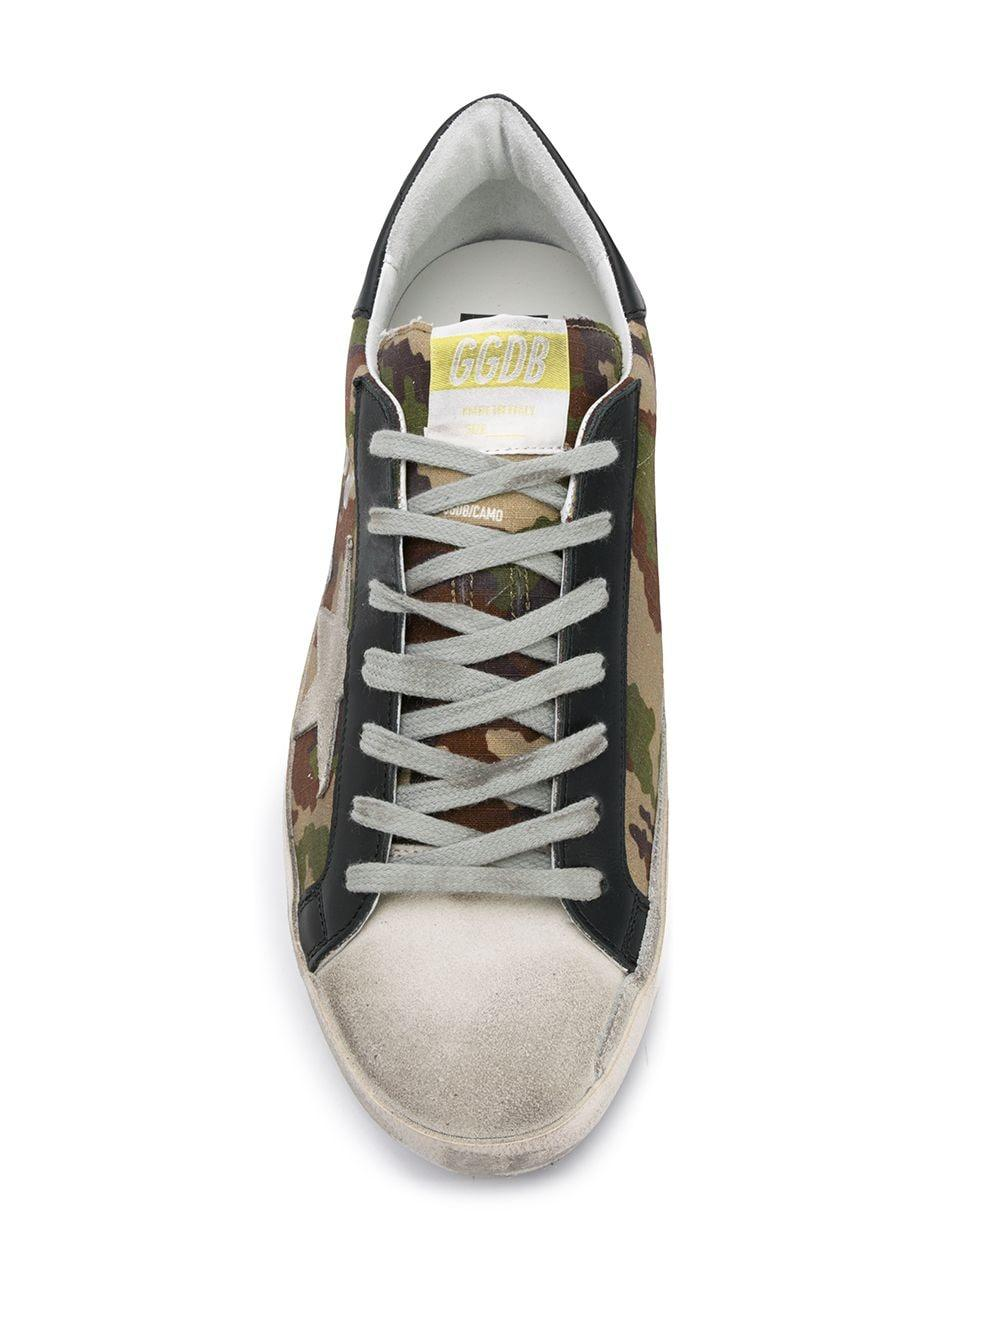 Golden Goose Deluxe Brand Ganzendons Superstar Sneakers Met Camouflageprint in het Groen voor heren